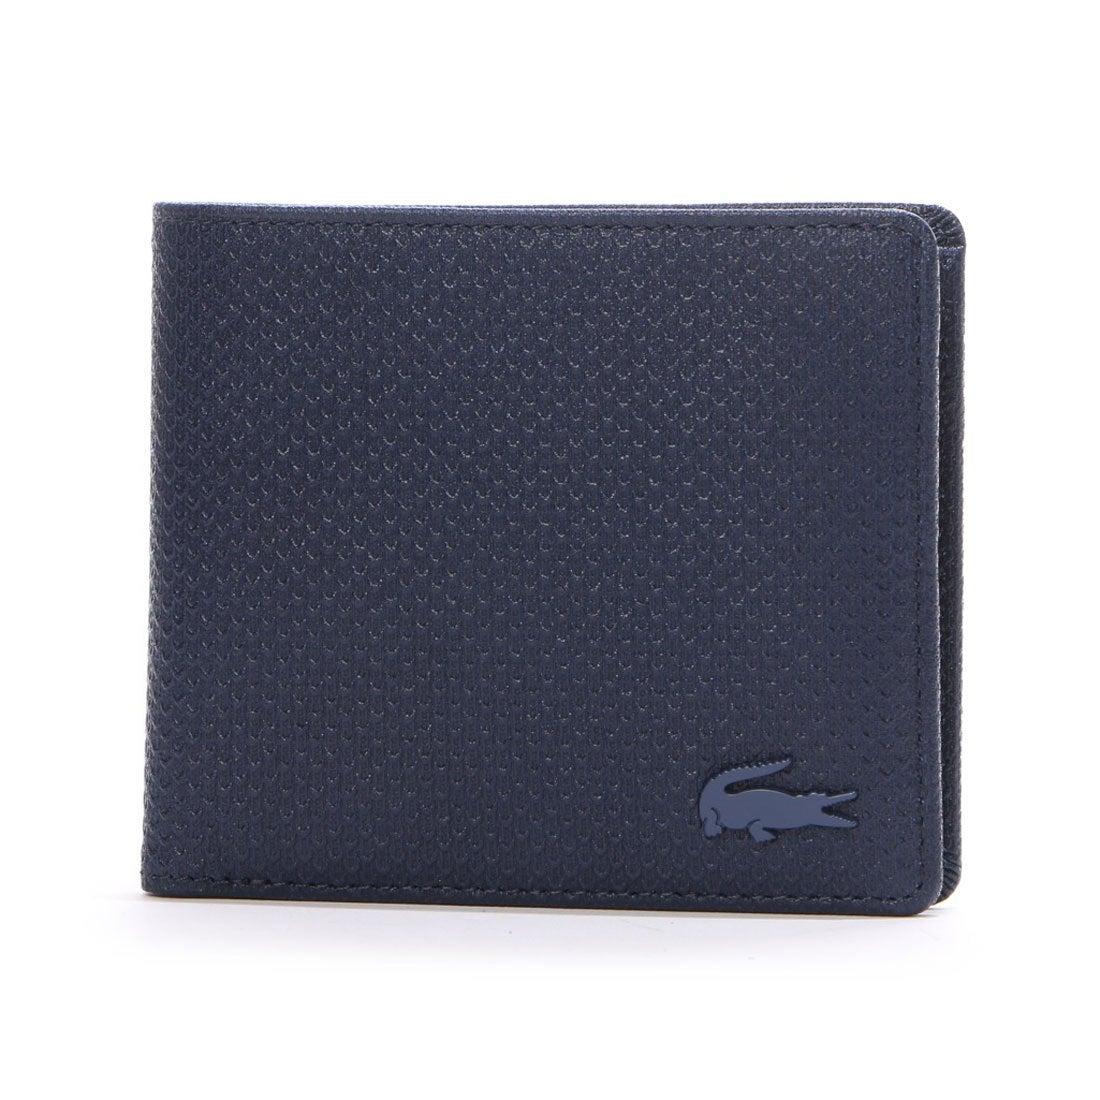 ラコステLACOSTECHANTACOMEN2つ折り財布(ネイビー)